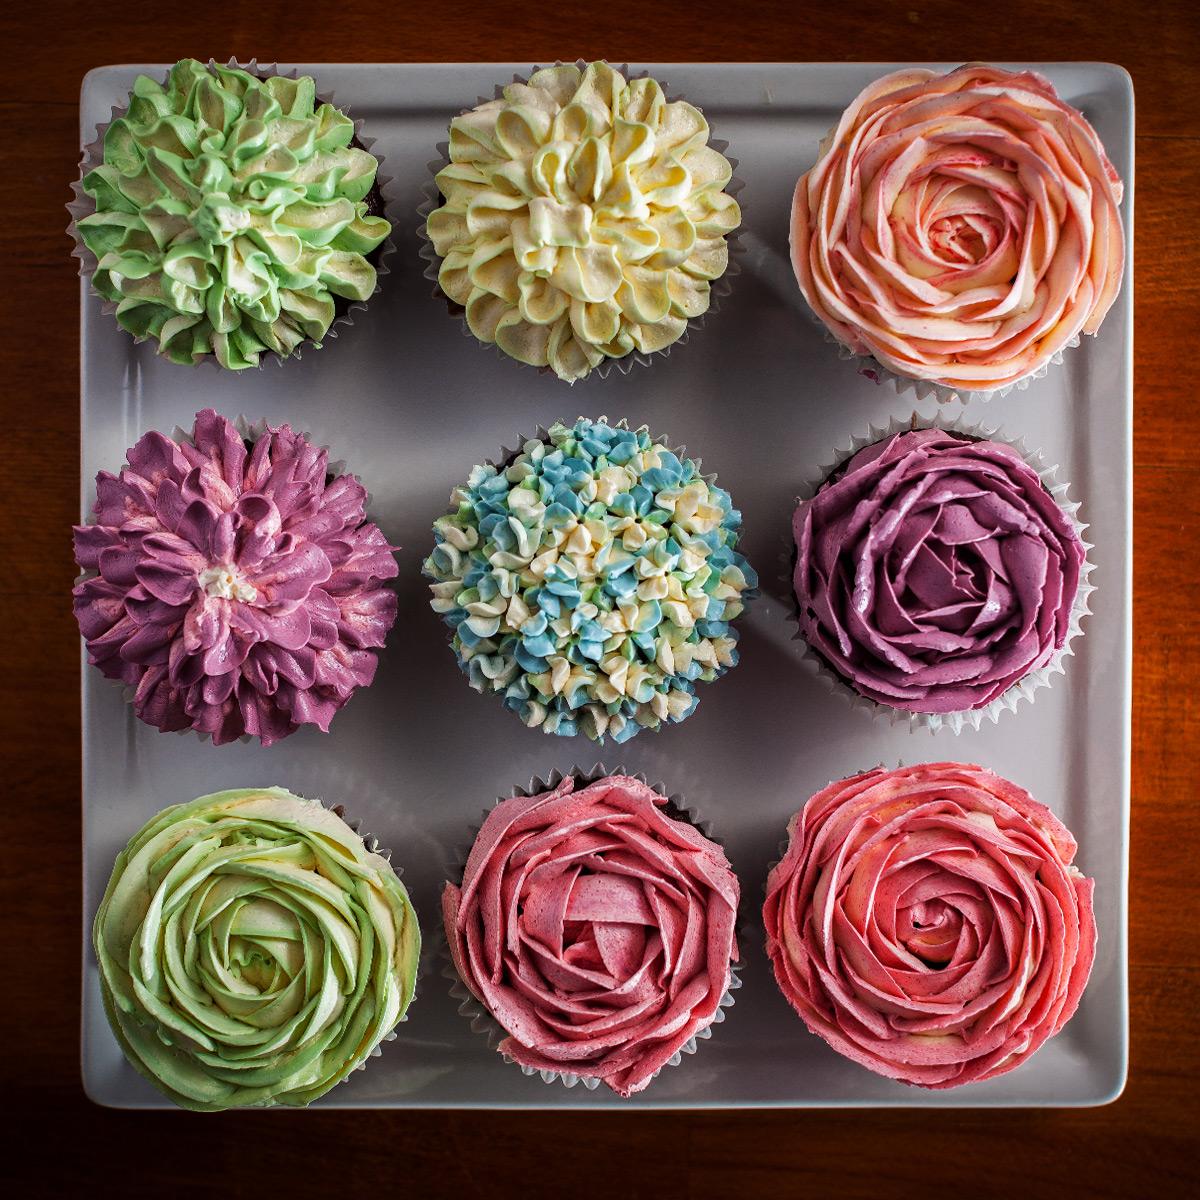 BSP-Vegan Cupcake-0031-web.jpg